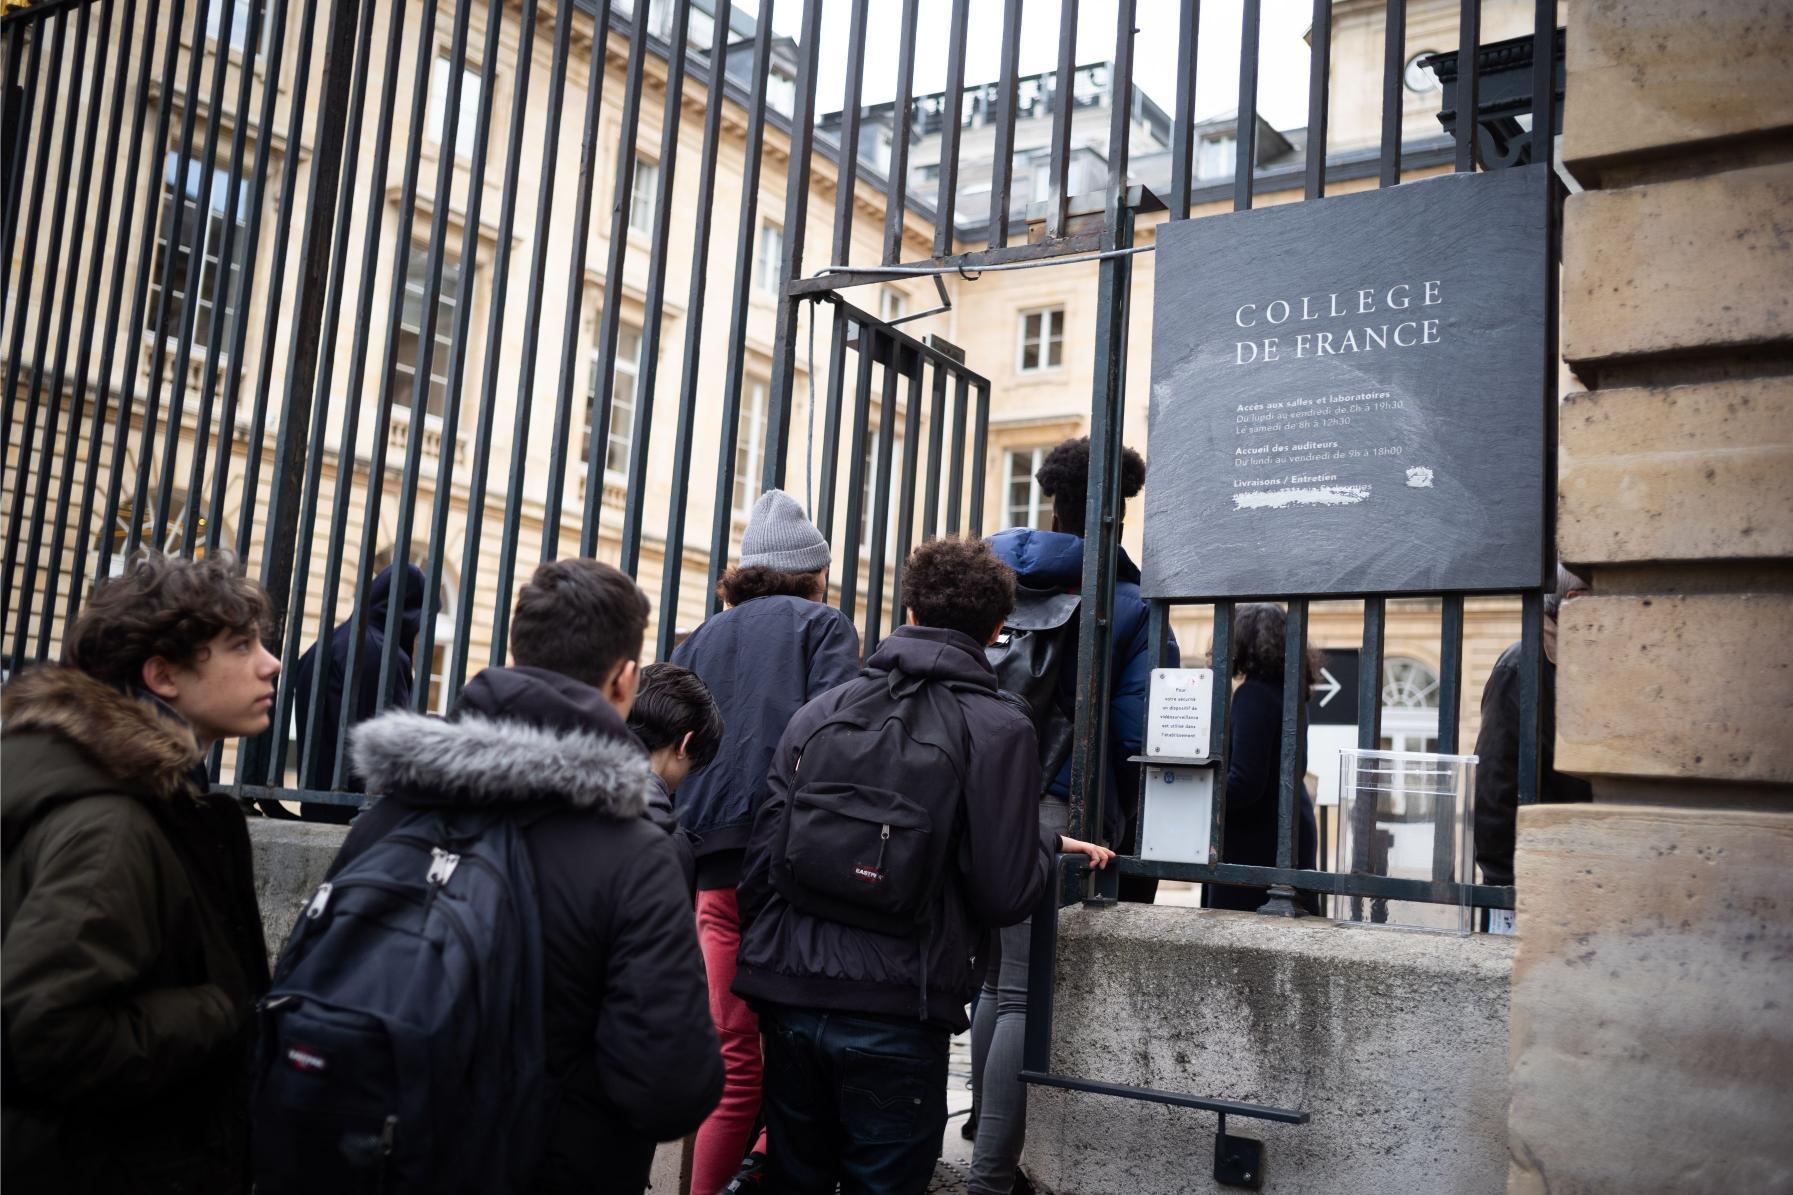 Des Lycéens au Collège de France